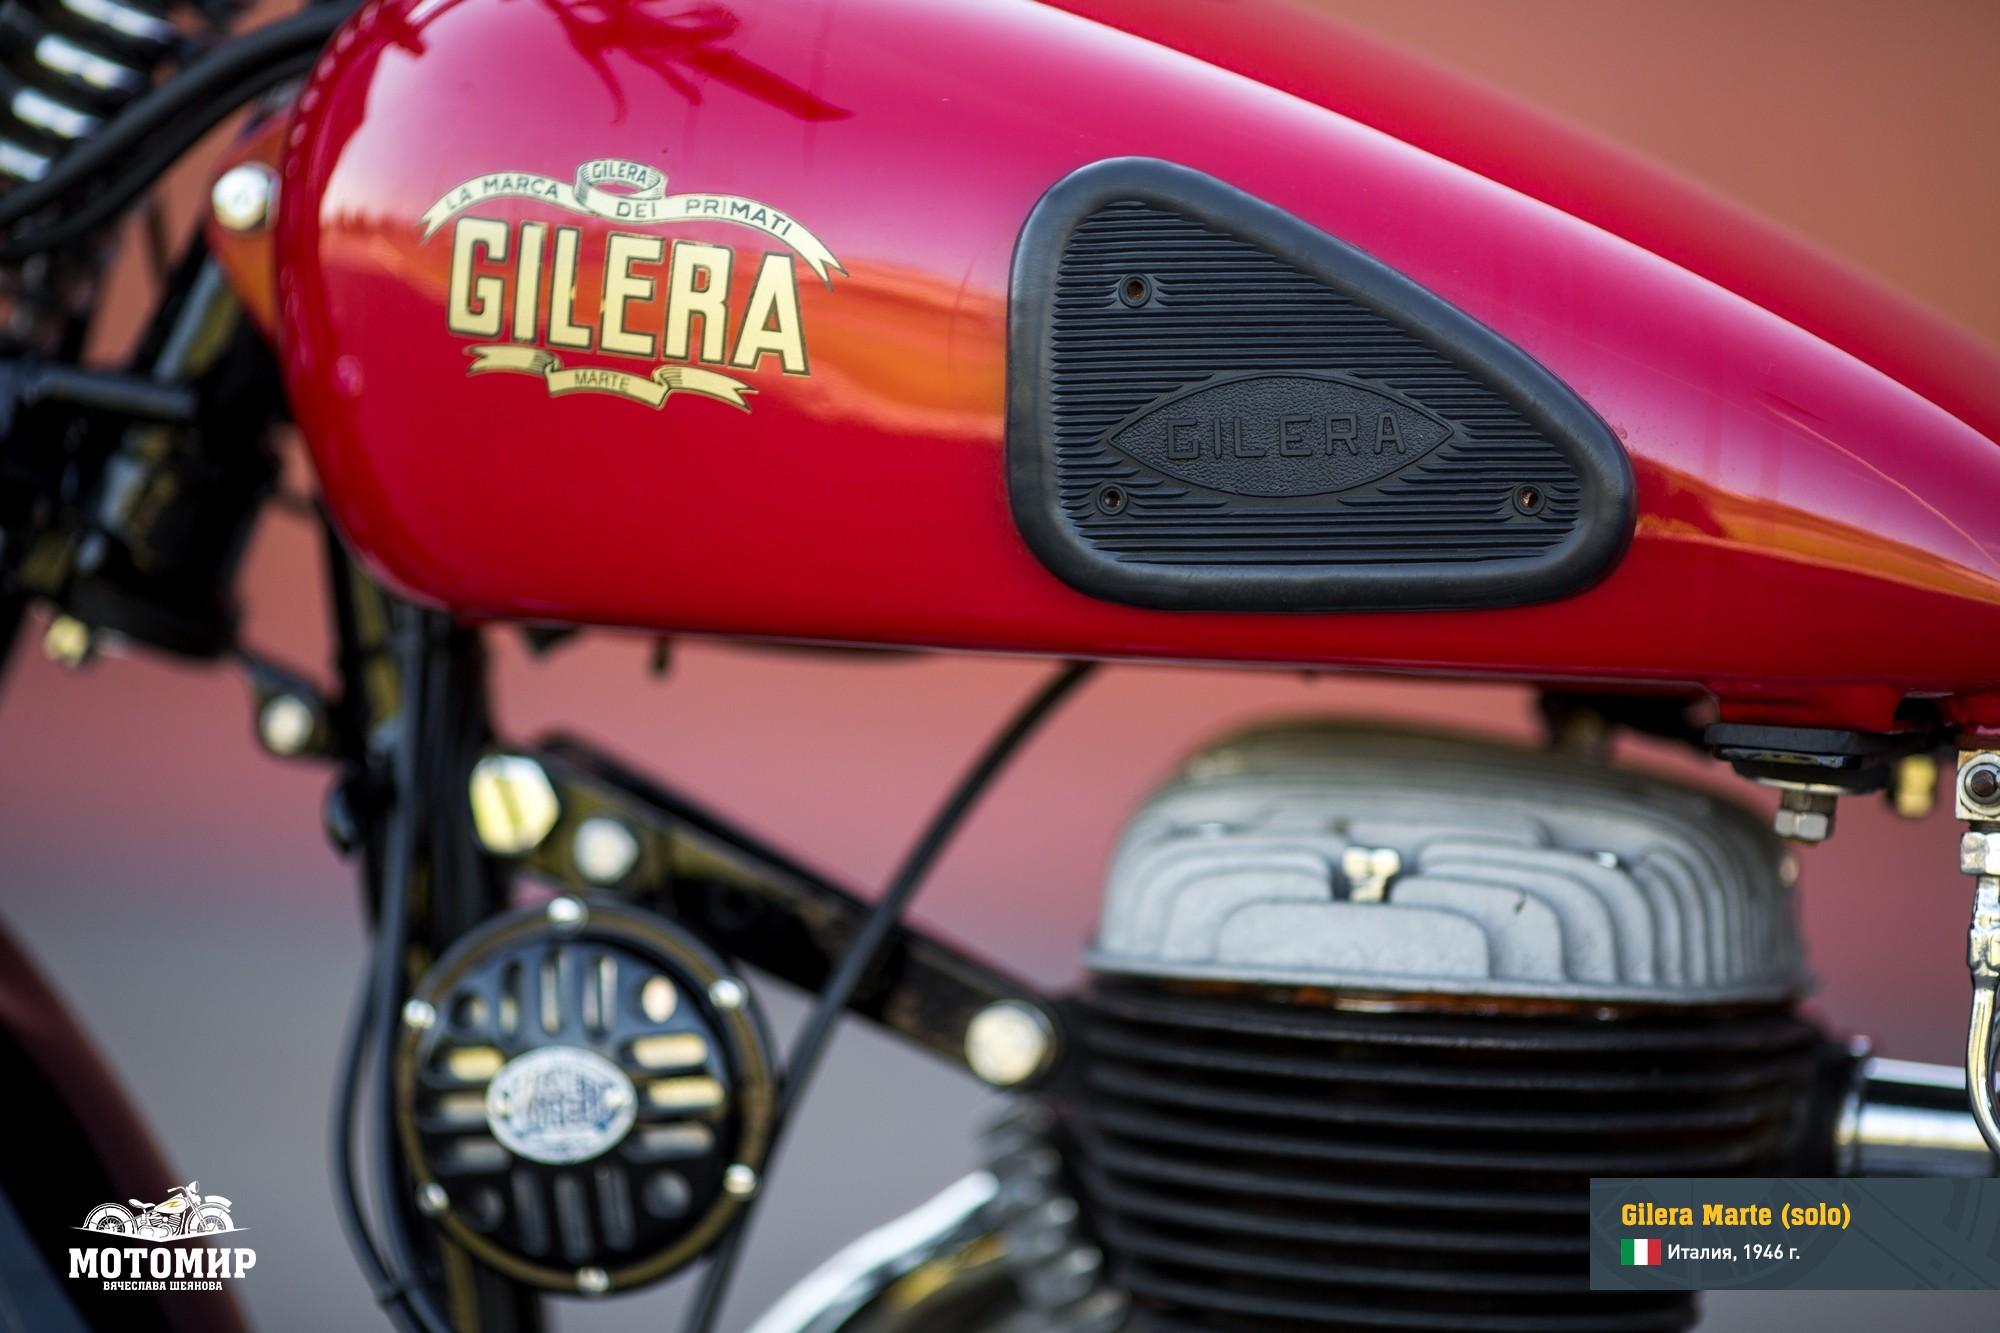 gilera-500-201508-web-11